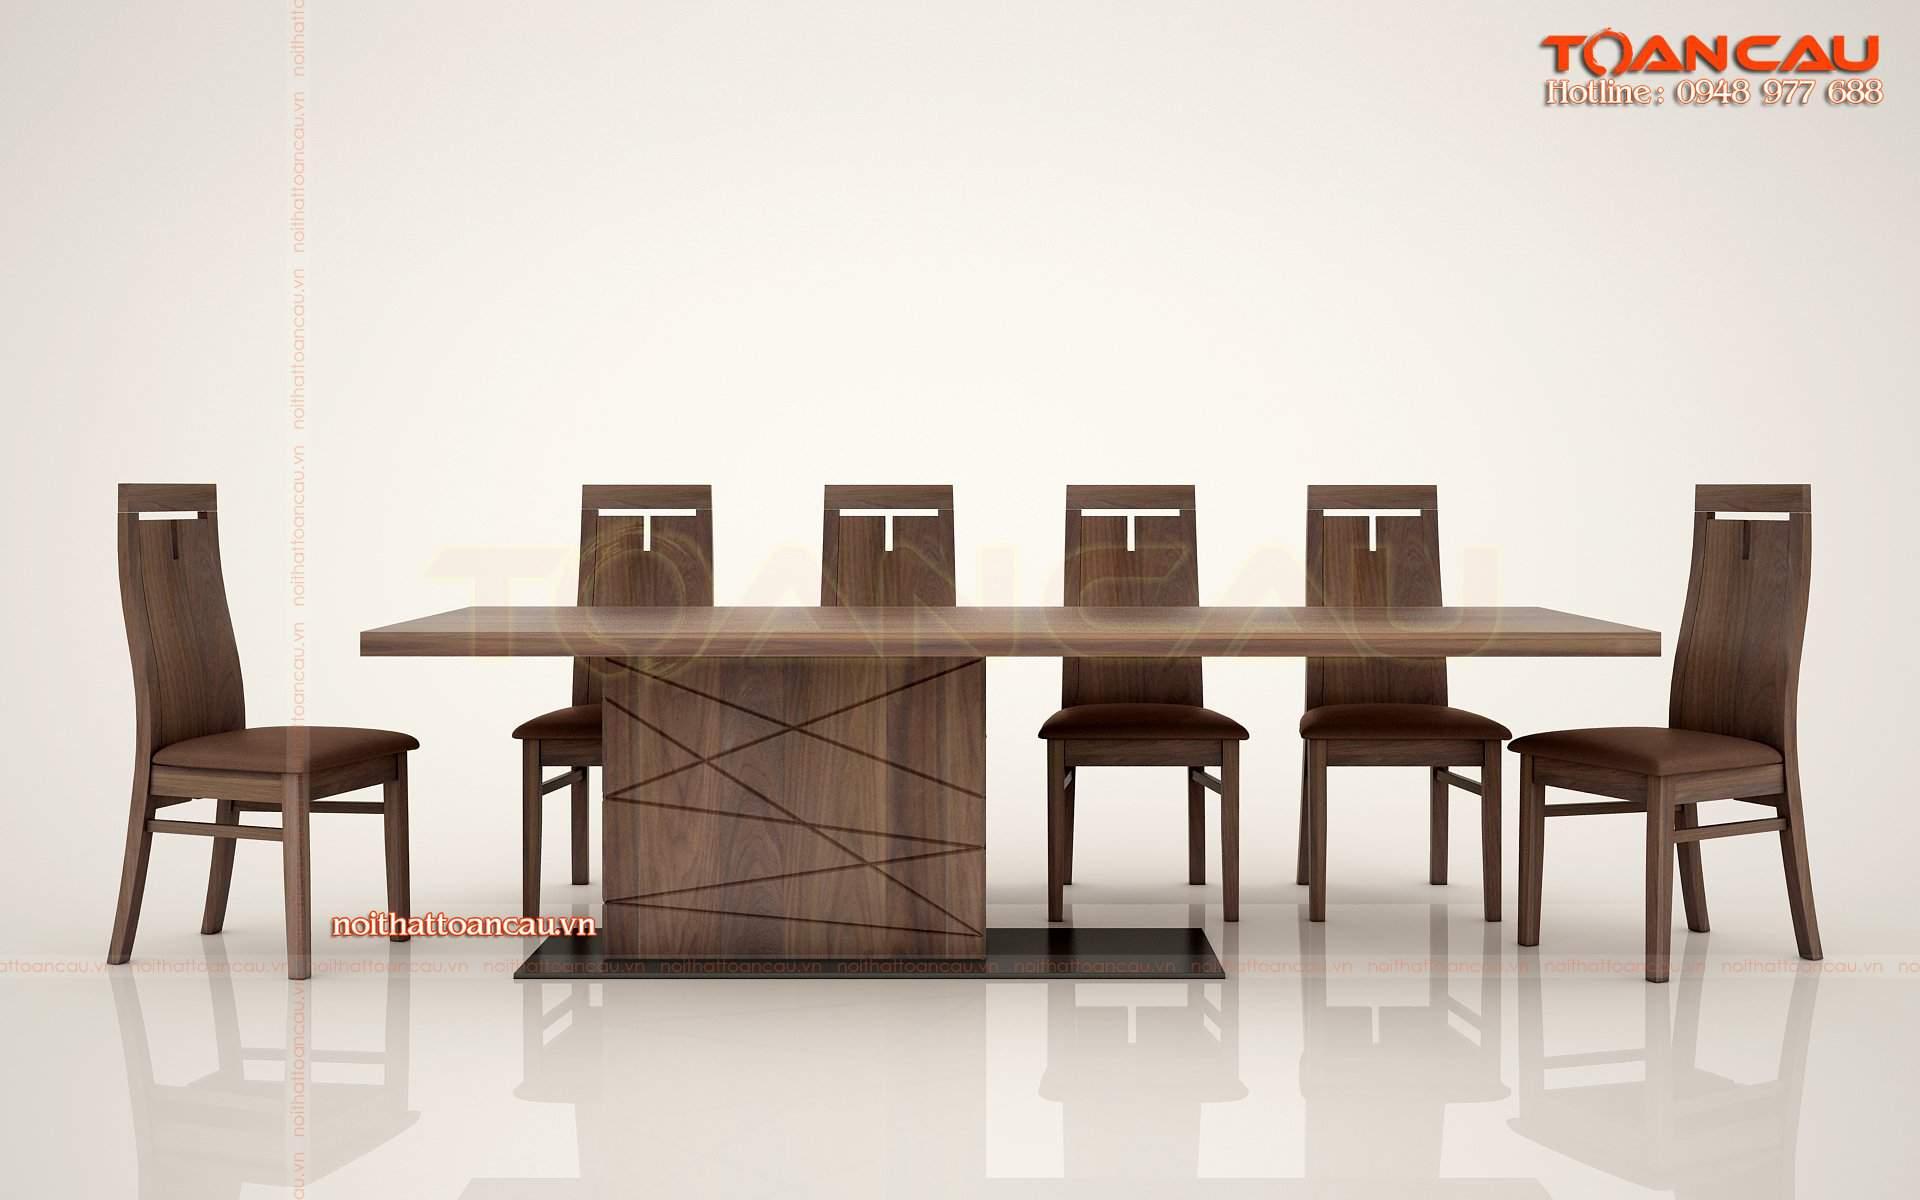 Bộ bàn ăn gỗ walnut 8 ghế - TC845